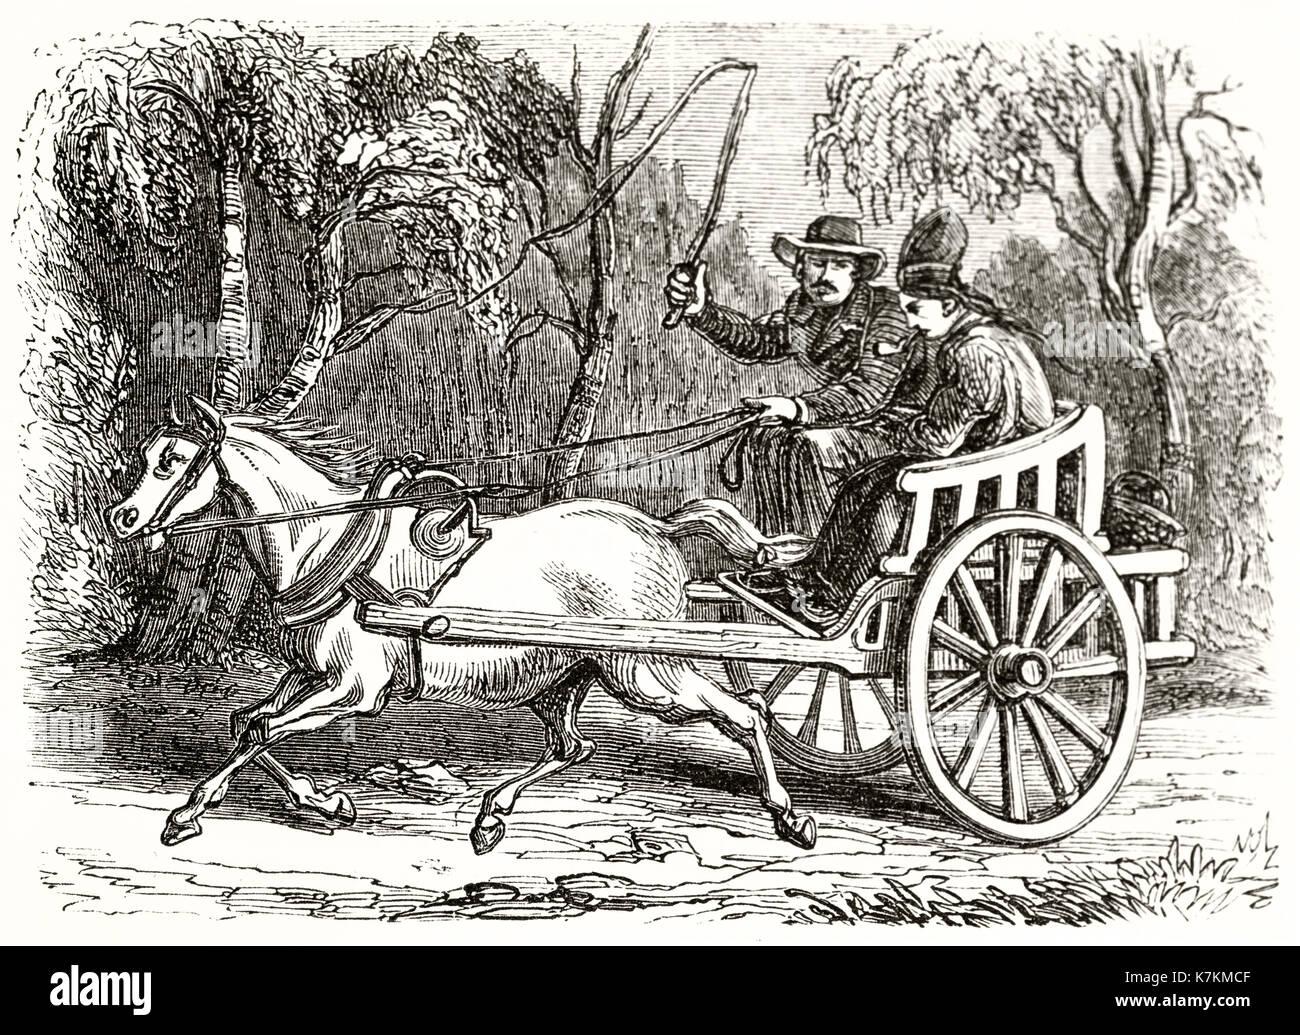 Old illustration of a lappish postilion on a cart. By unidentified author, publ. on Le Tour du Monde, Paris, 1862 - Stock Image